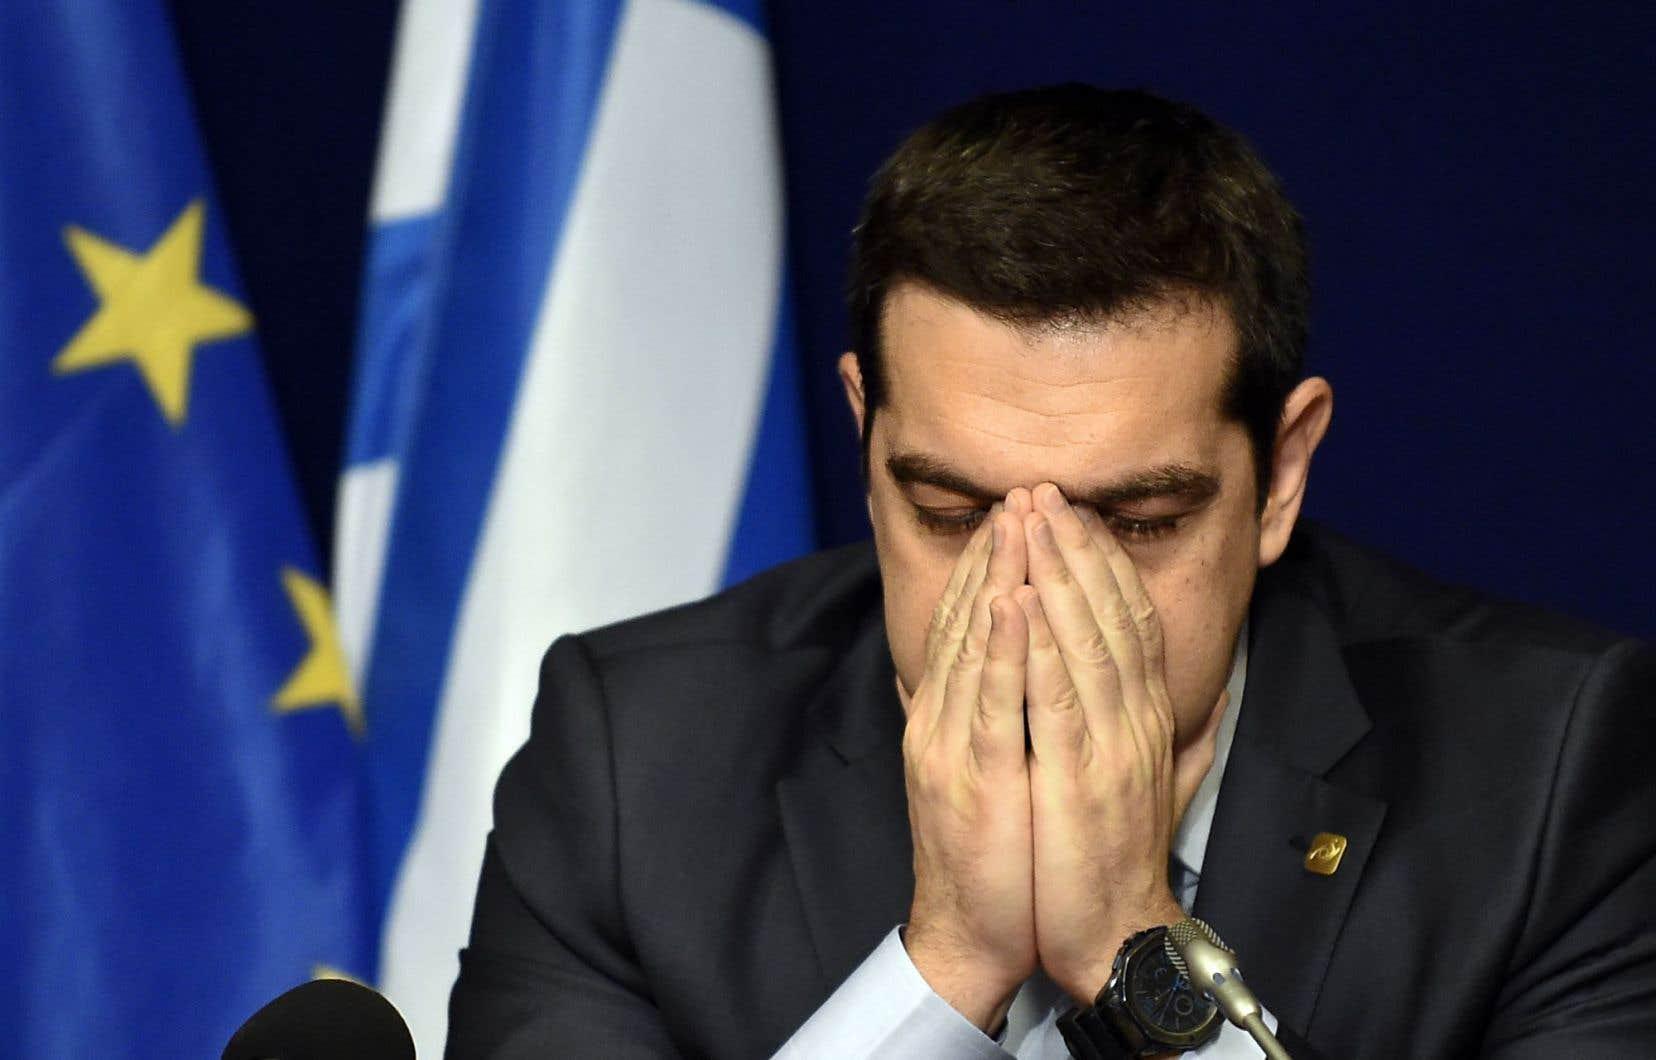 Le gouvernement d'Alexis Tsipras a provoqué l'ire des municipalités, ce qui constitue pour lui un risque politique important.